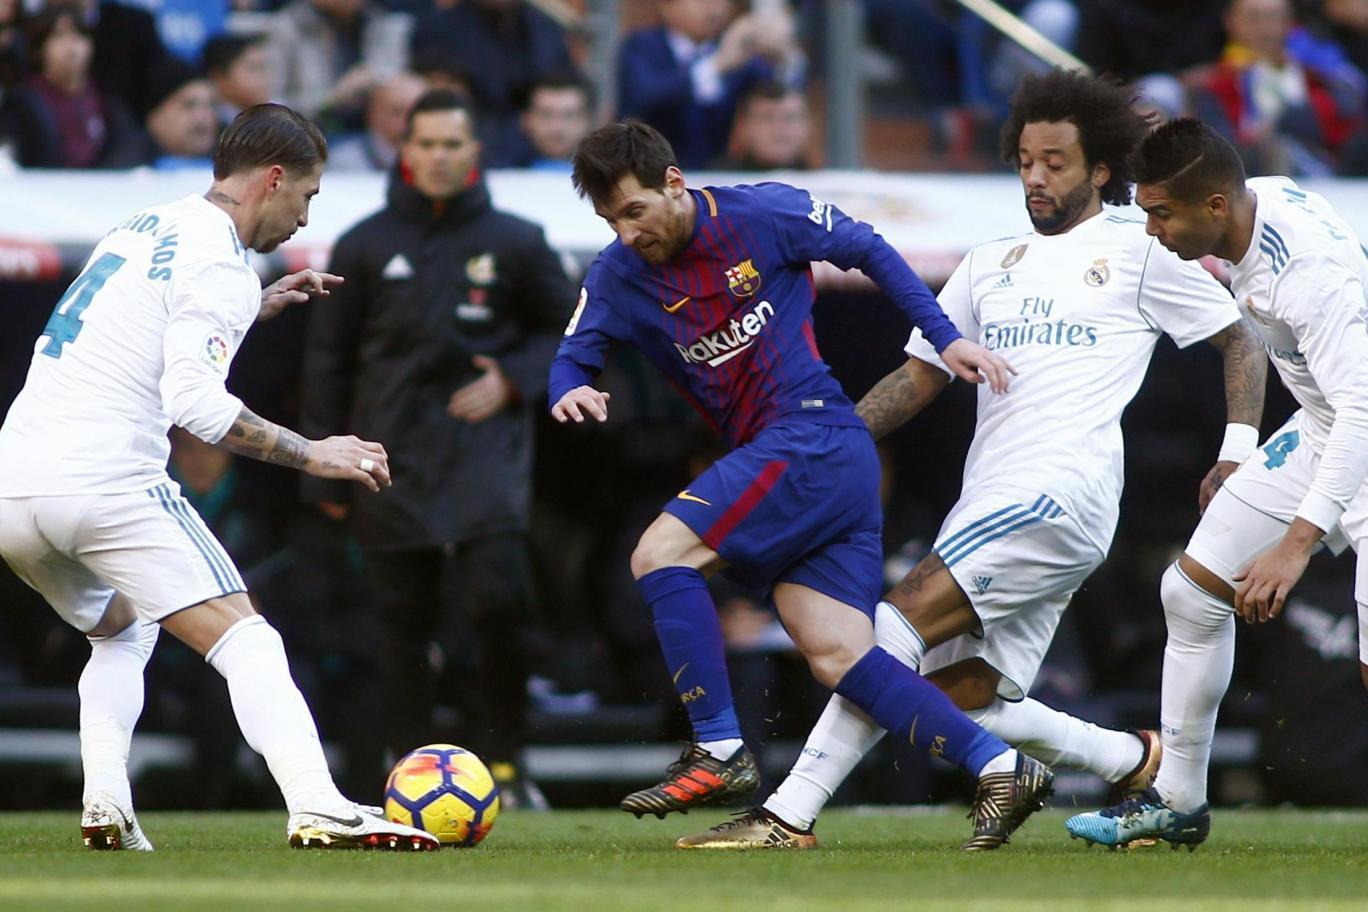 Barca,Real Madrid,Barca vs Real Madrid,Siêu kinh điển,El Clasico,nhận định bóng đá